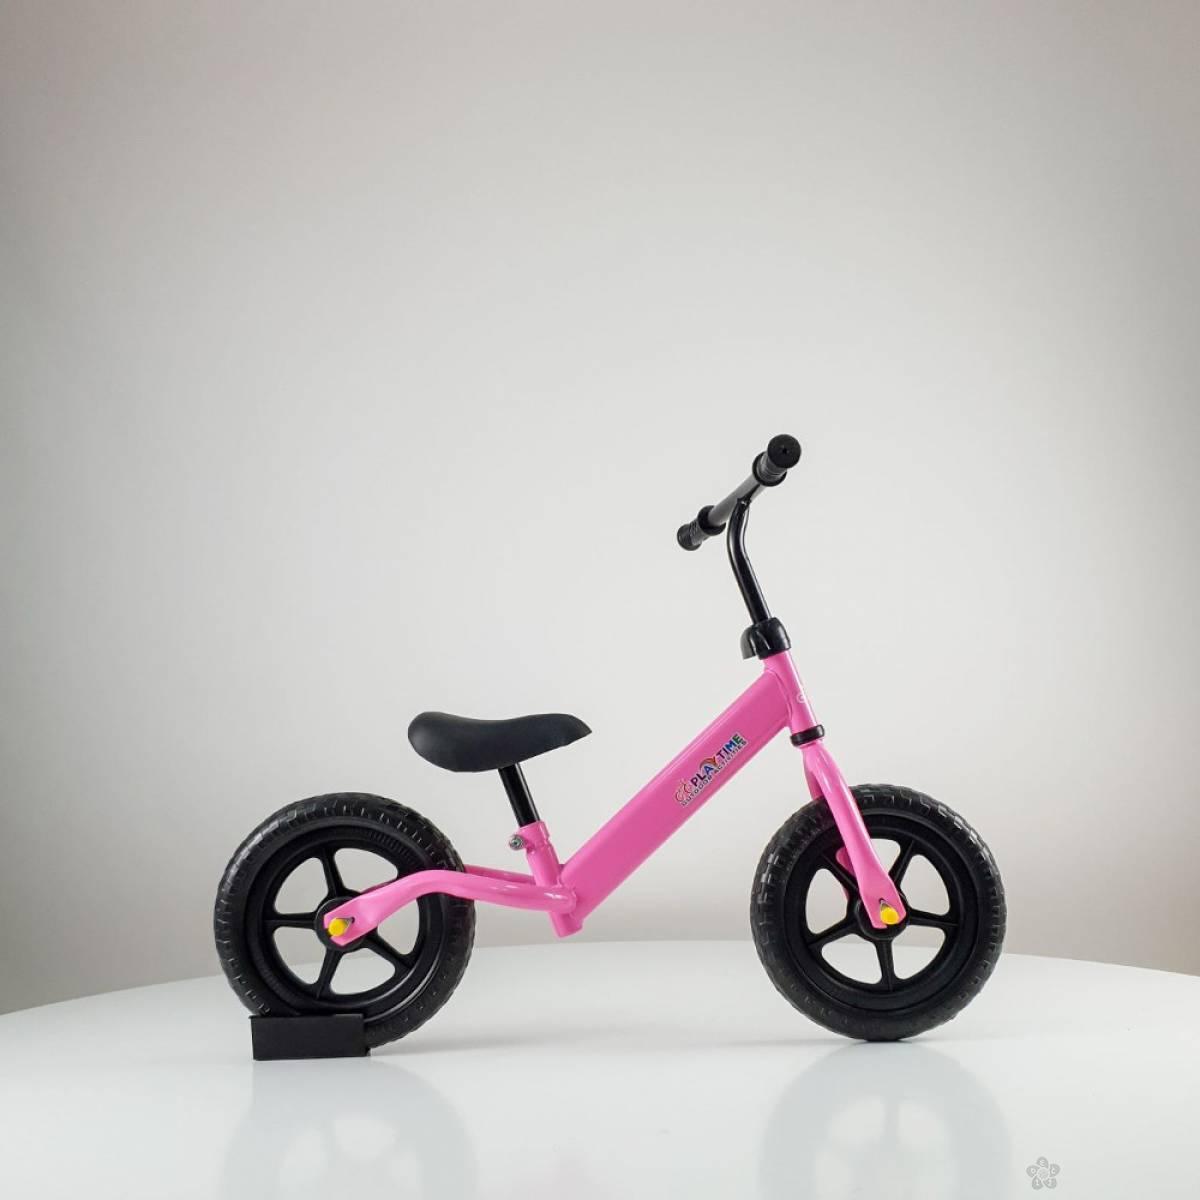 Biciklo za decu Balance bike, model 750 pink